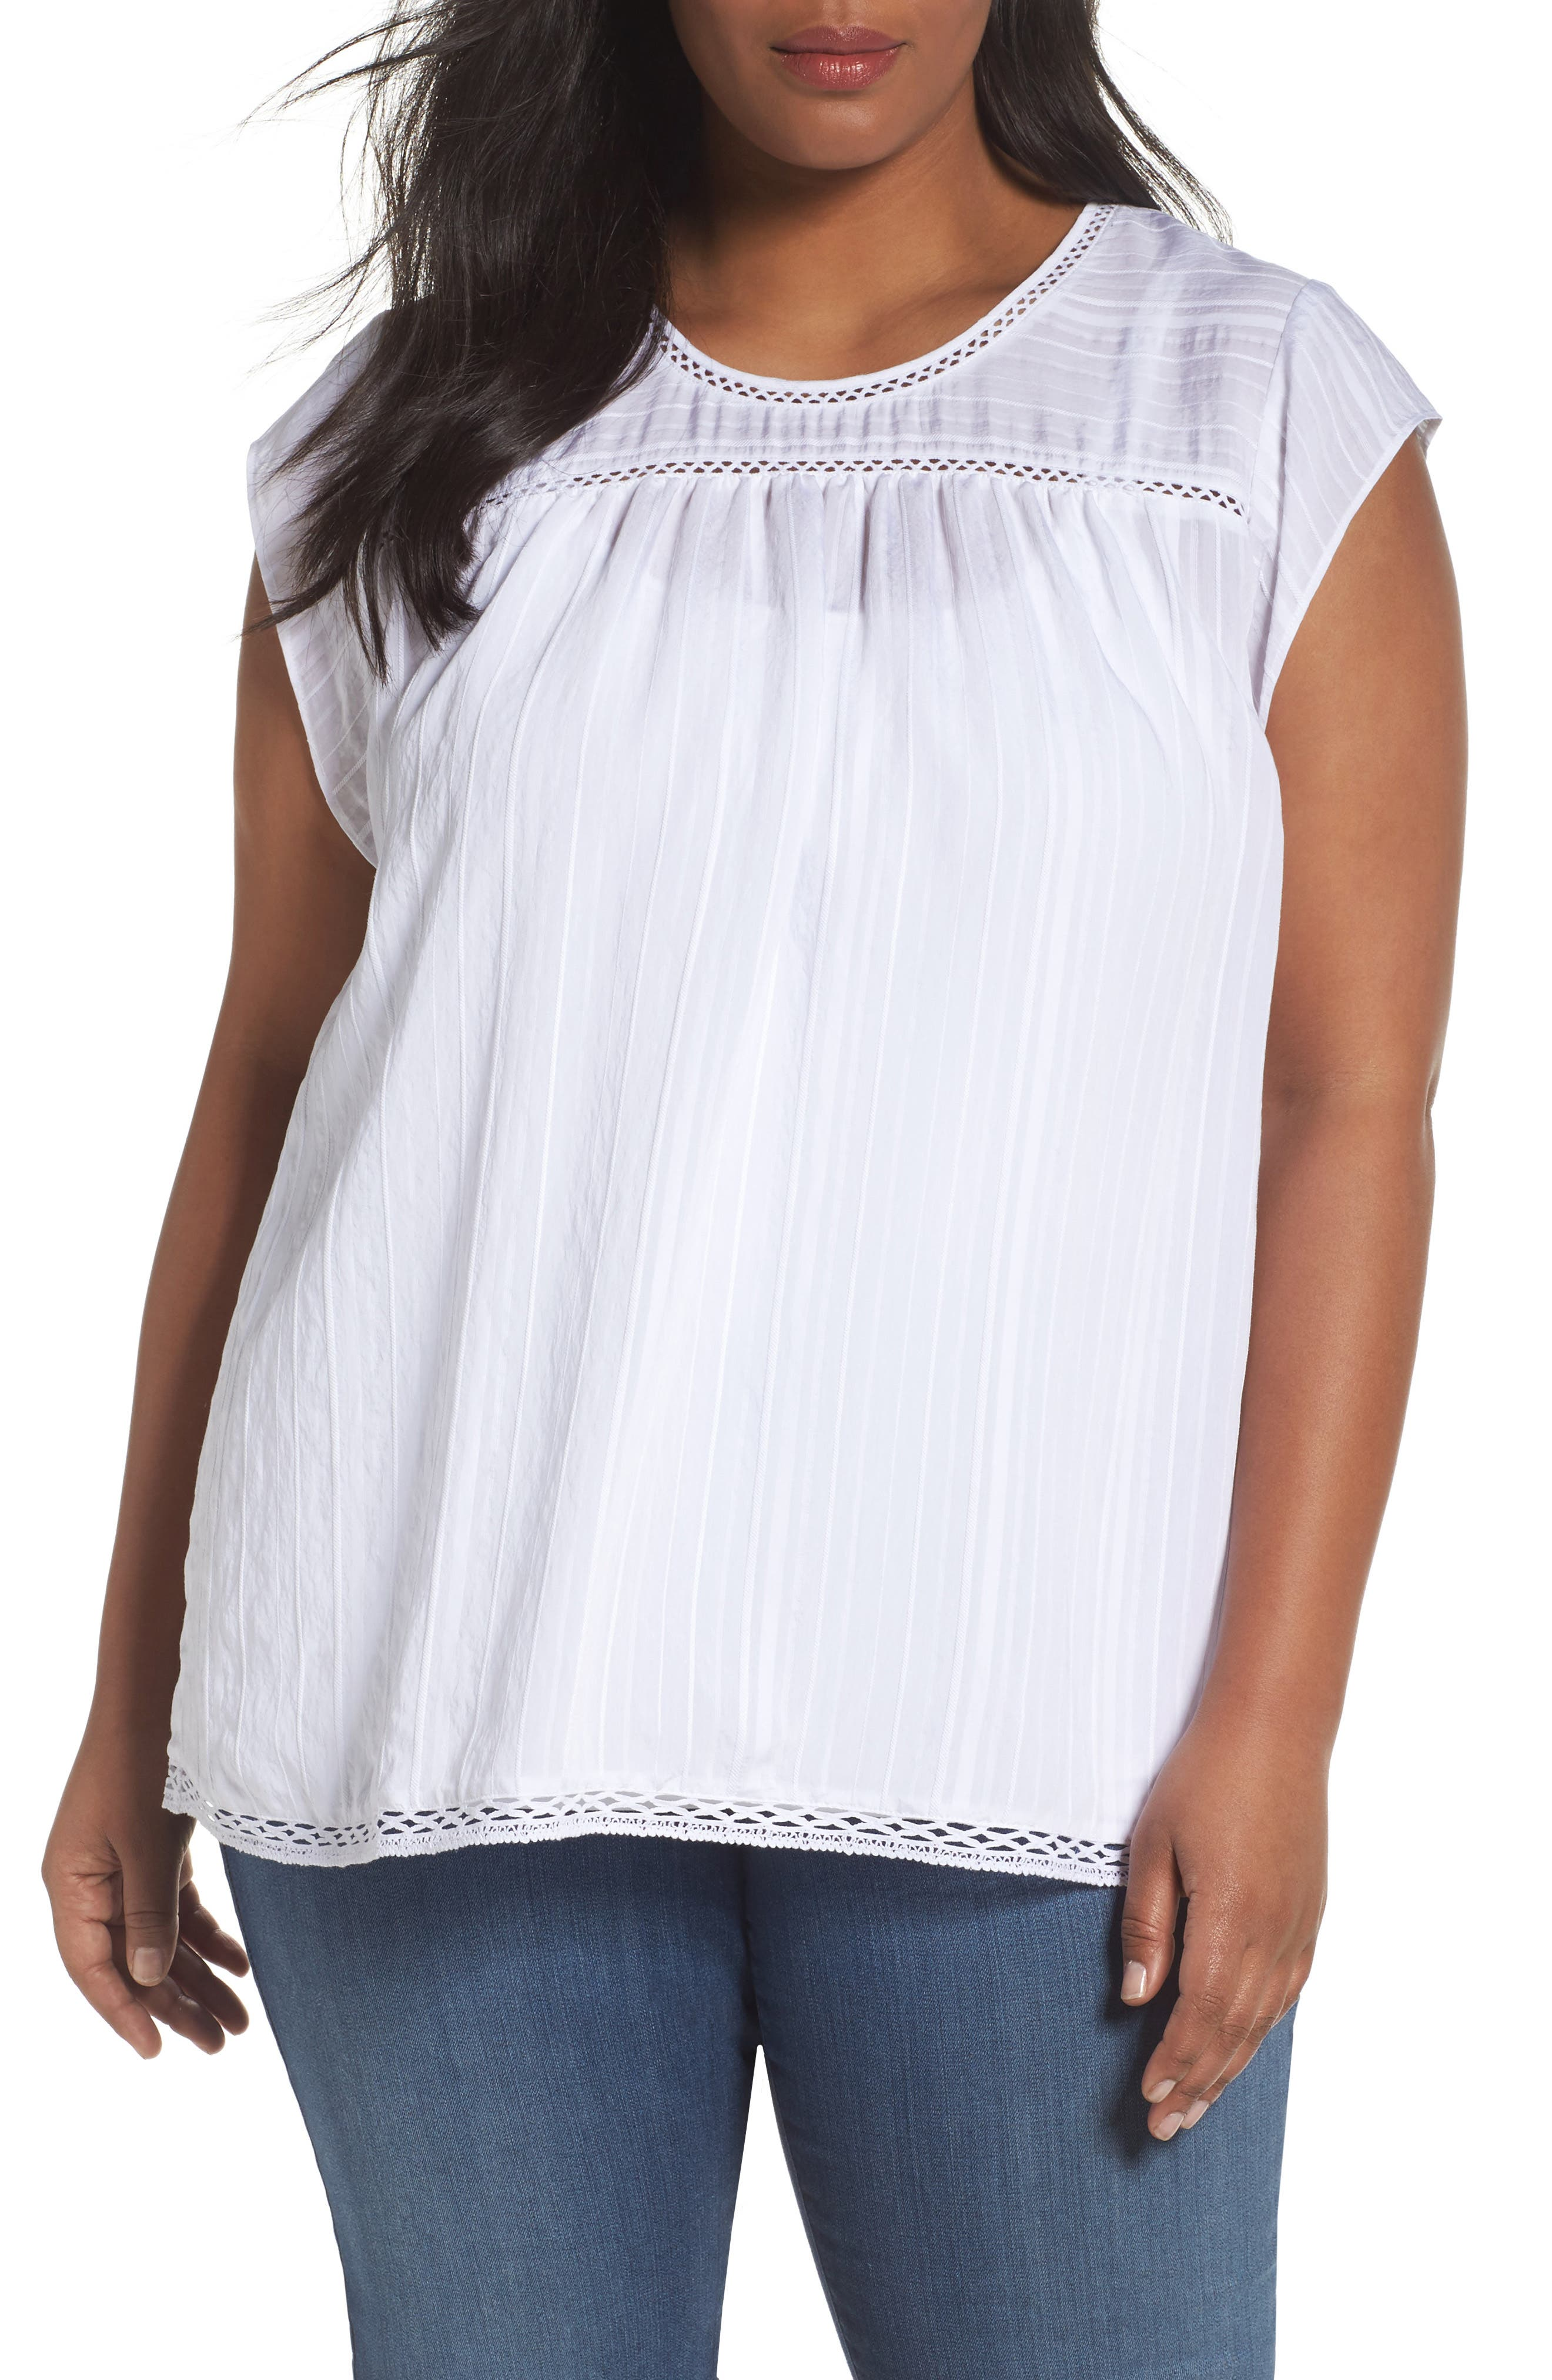 Main Image - Sejour Cap Sleeve Top (Plus Size)